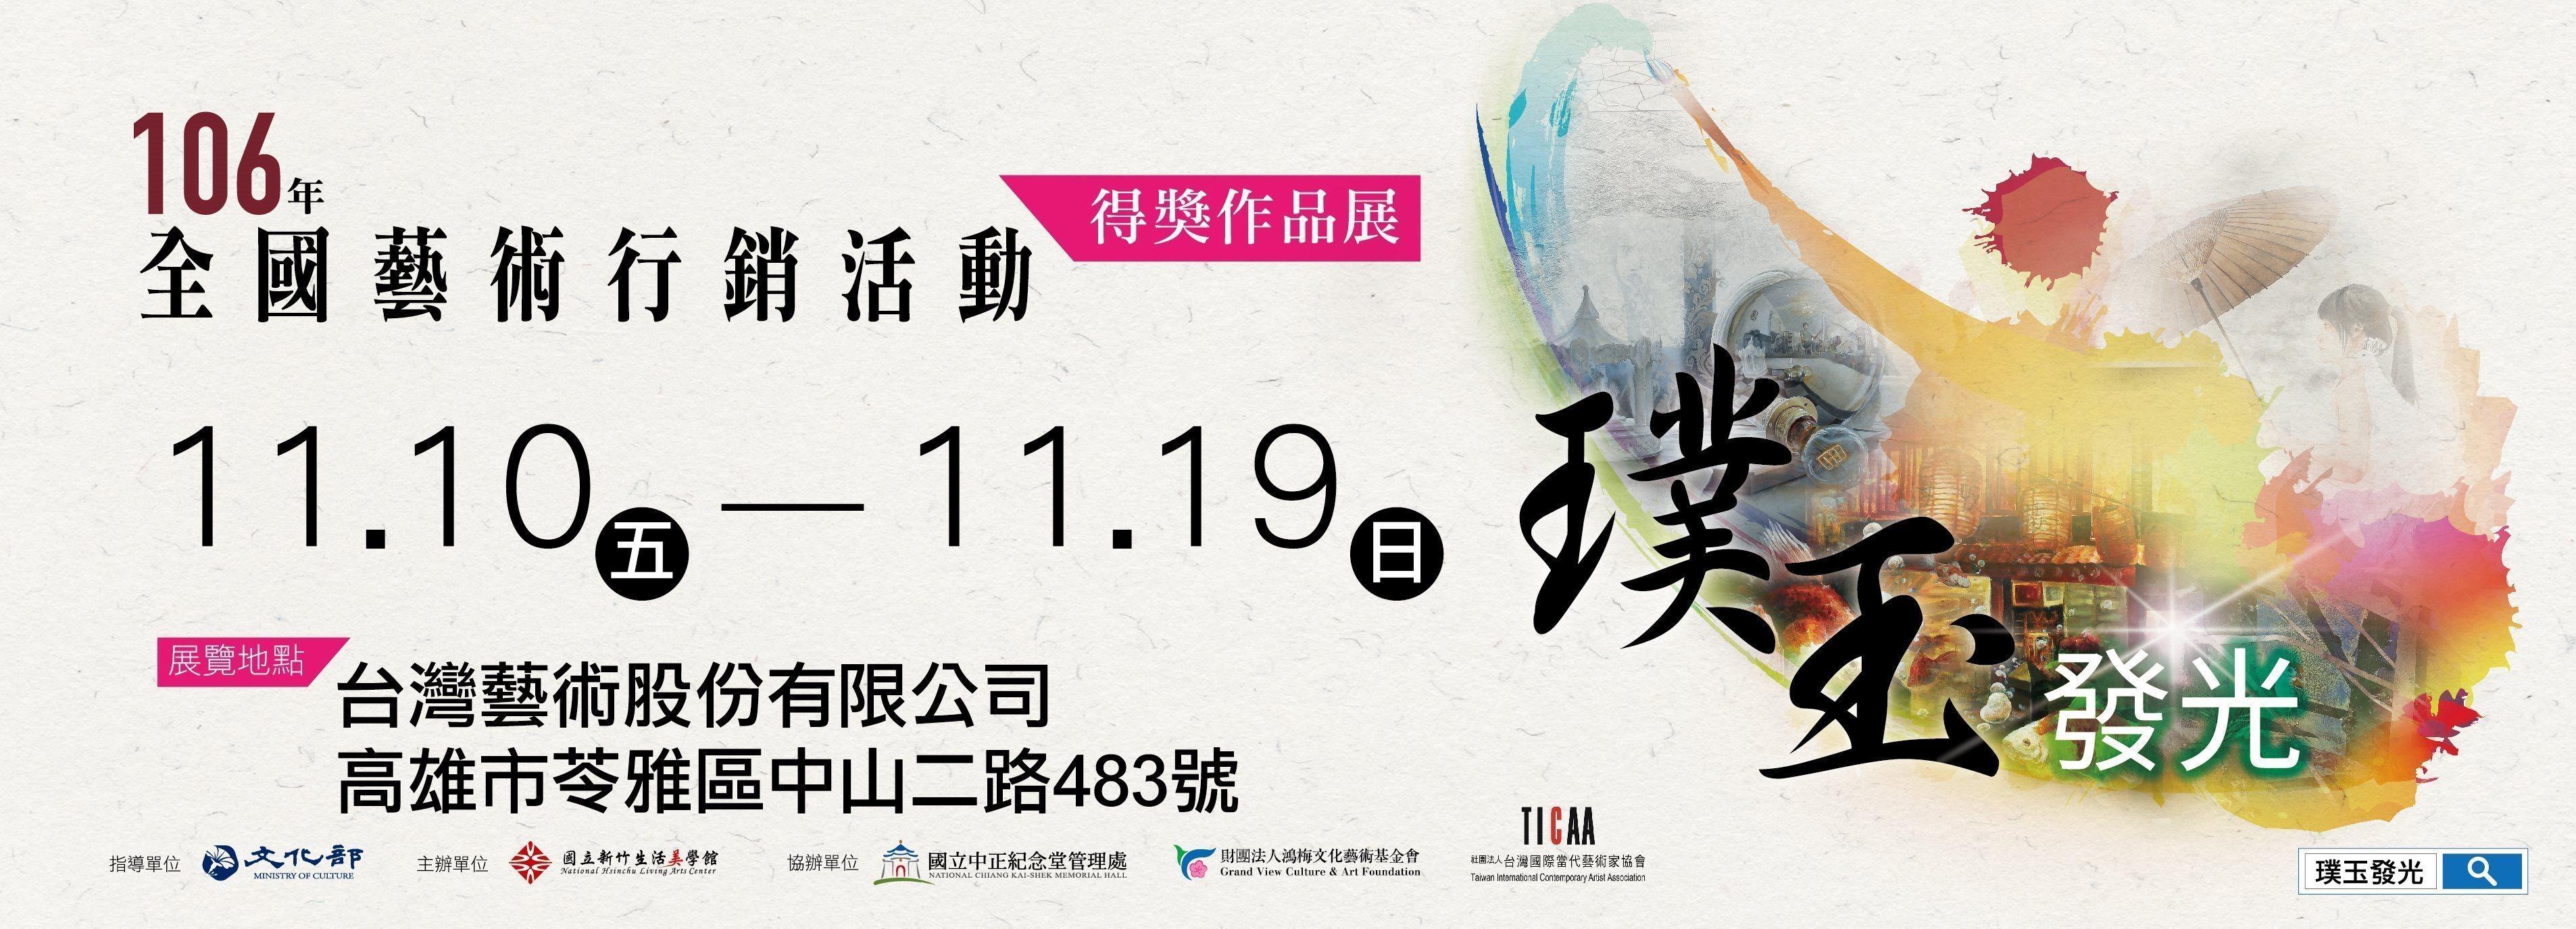 106年「璞玉發光-全國藝術行銷活動」得獎作品巡迴展(售)